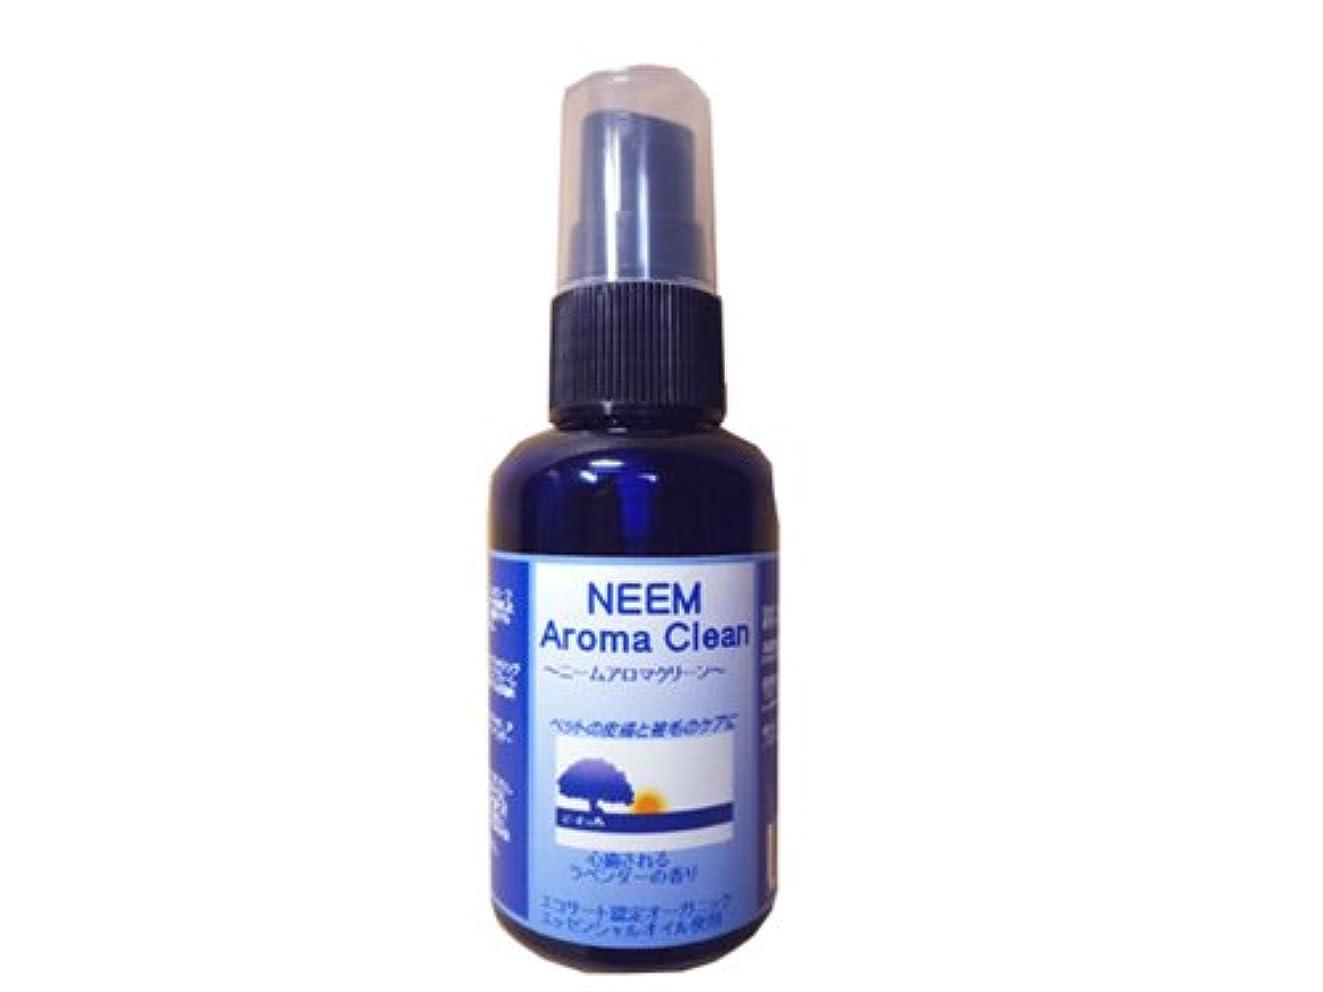 ニンニク洋服ロッドニームアロマクリーン(ラベンダー) NEEM Aroma Clean 50ml 【BLOOM】【(ノミ?ダニ)駆除用としてもお使いいただけます。】